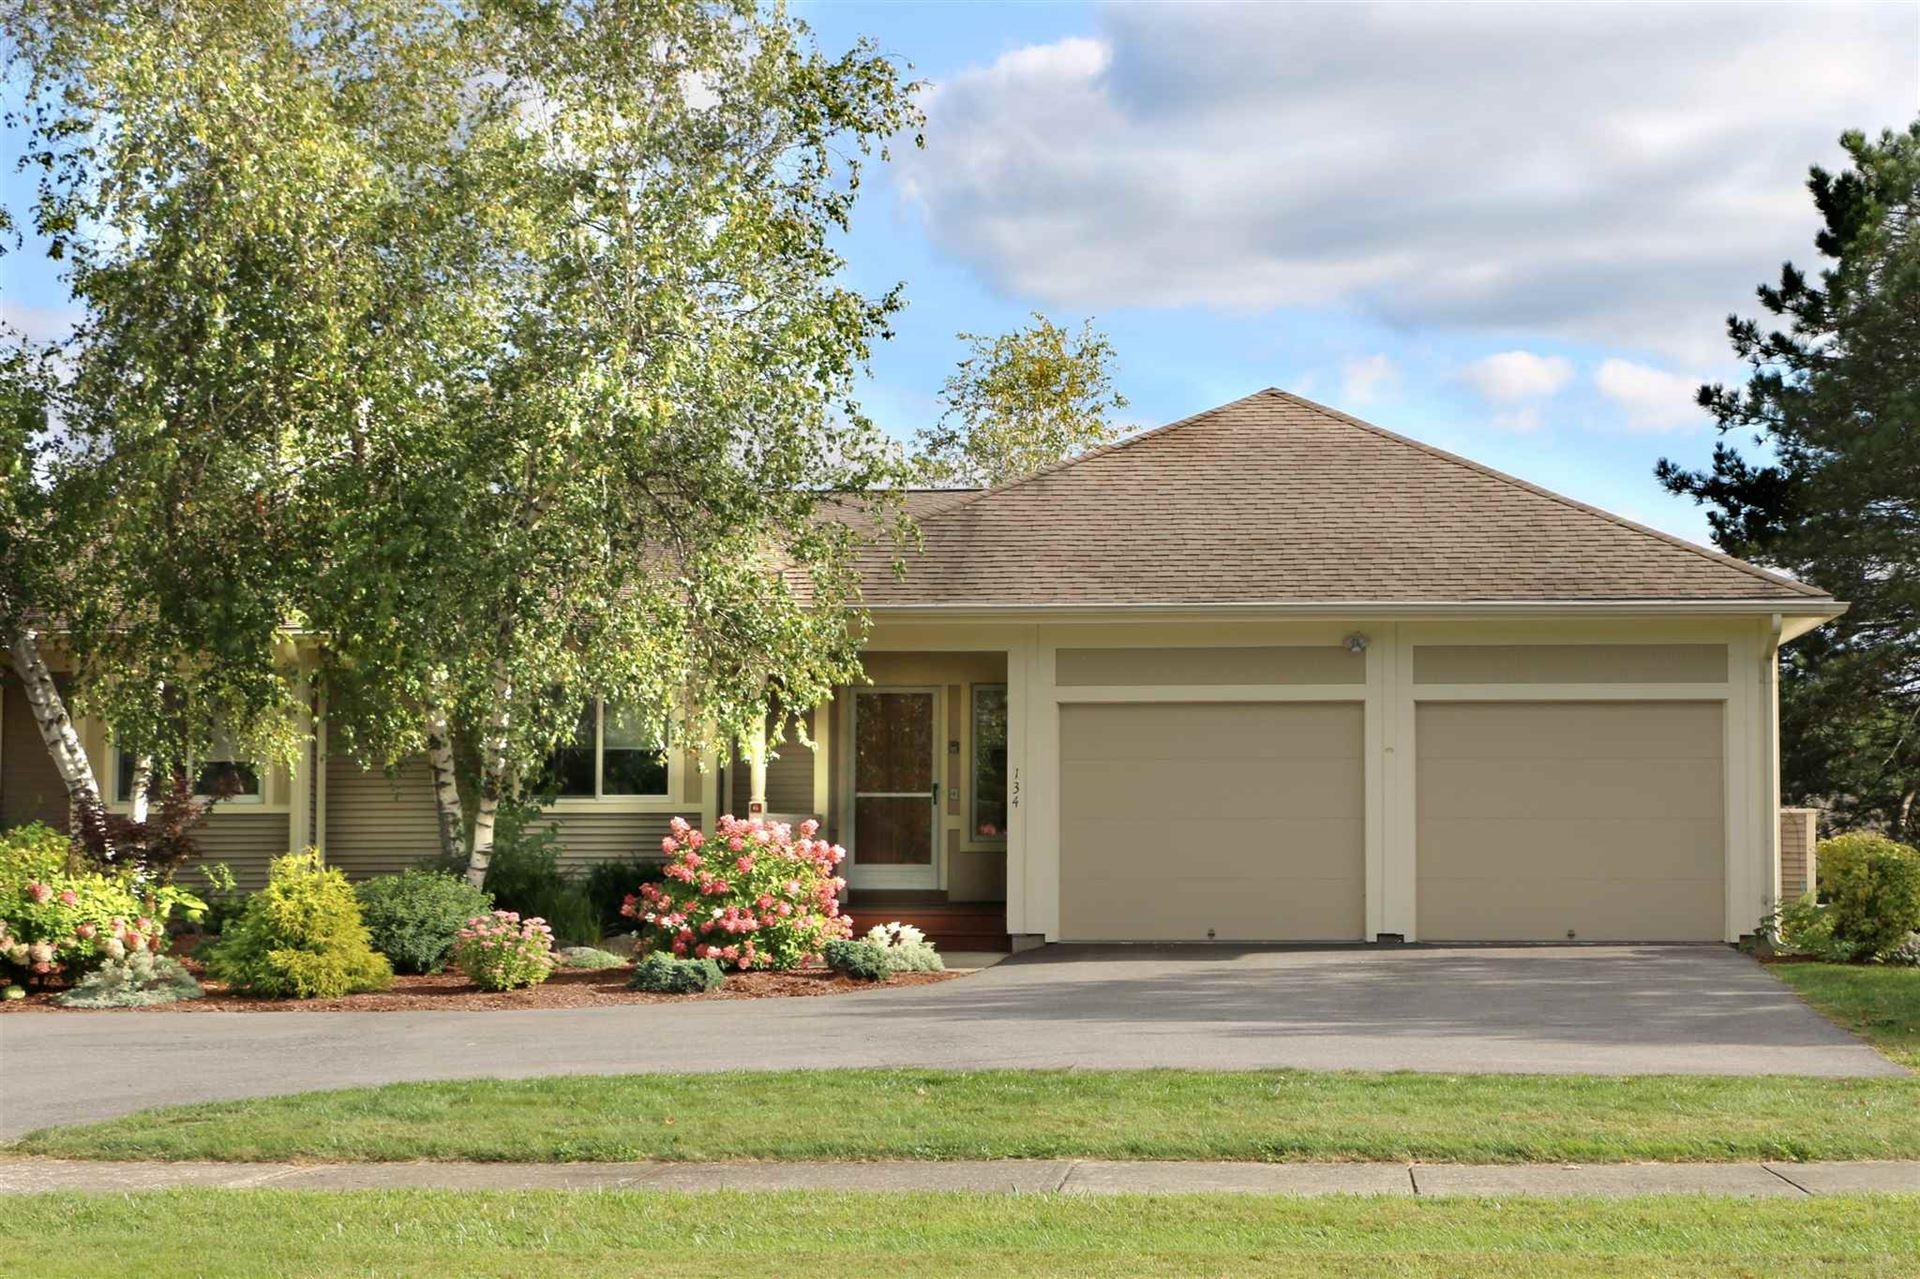 134 Meadowrun Road, Williston, VT 05495 - MLS#: 4828507